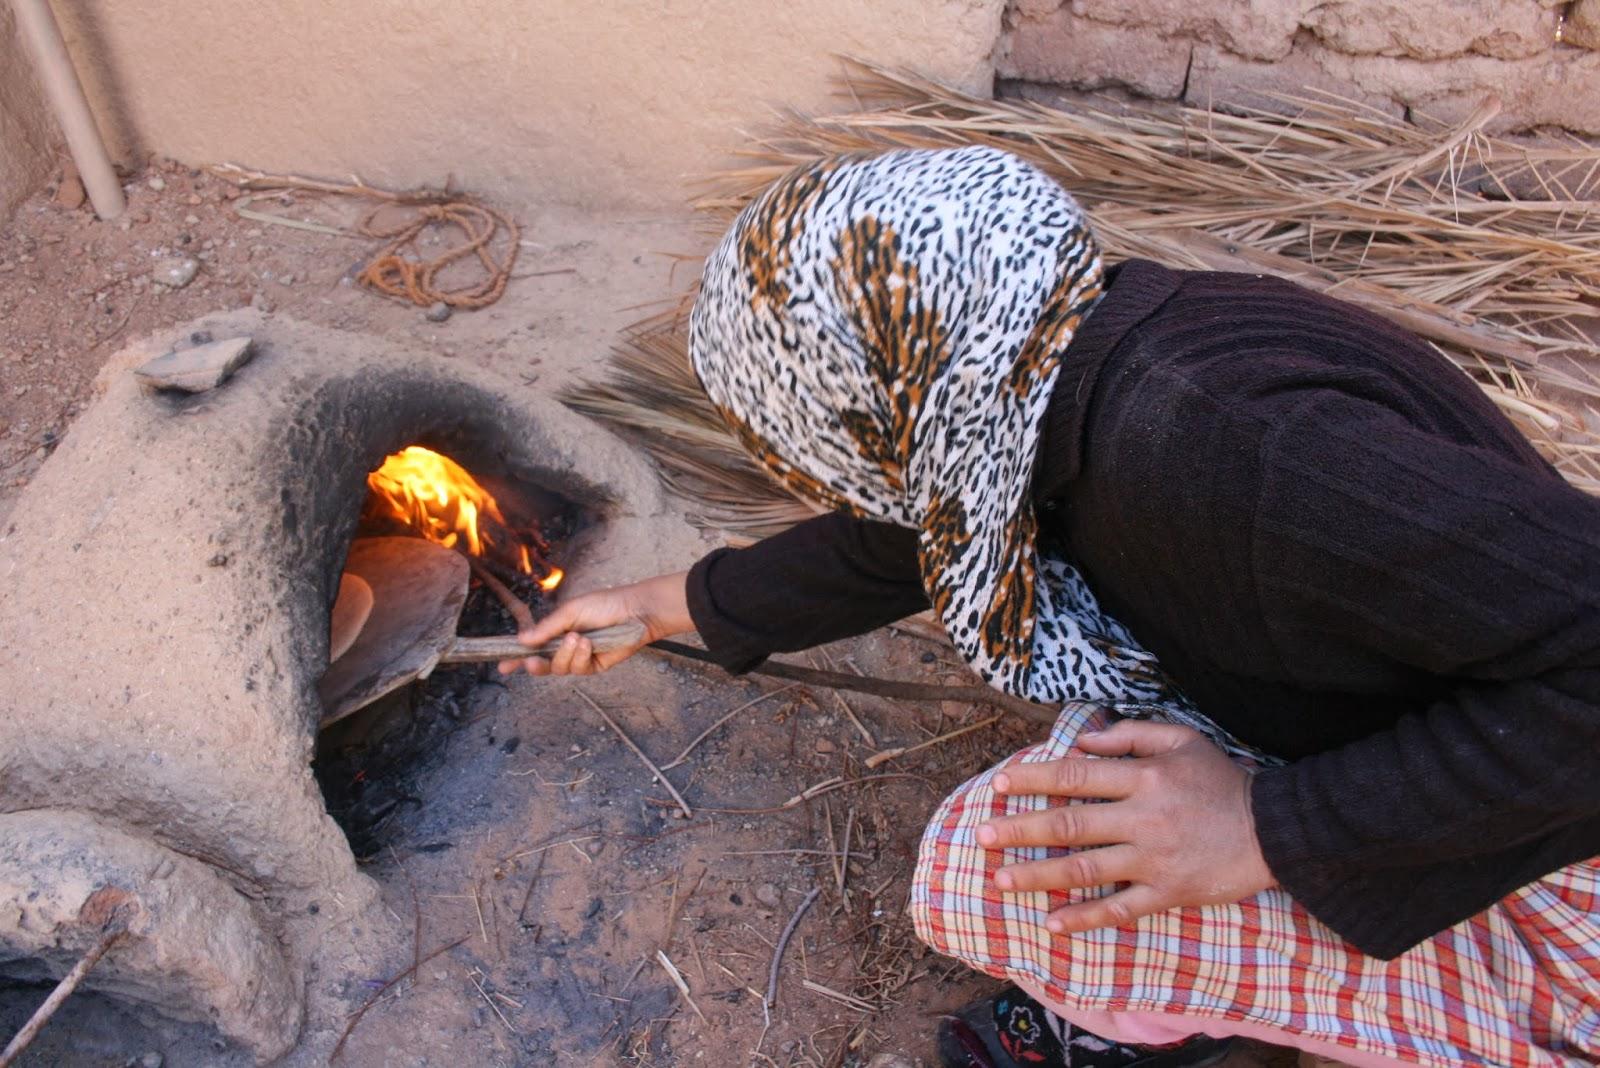 semana santa en marruecos, viajar a marruecos, gastronomía marroquí, rutas en el desierto